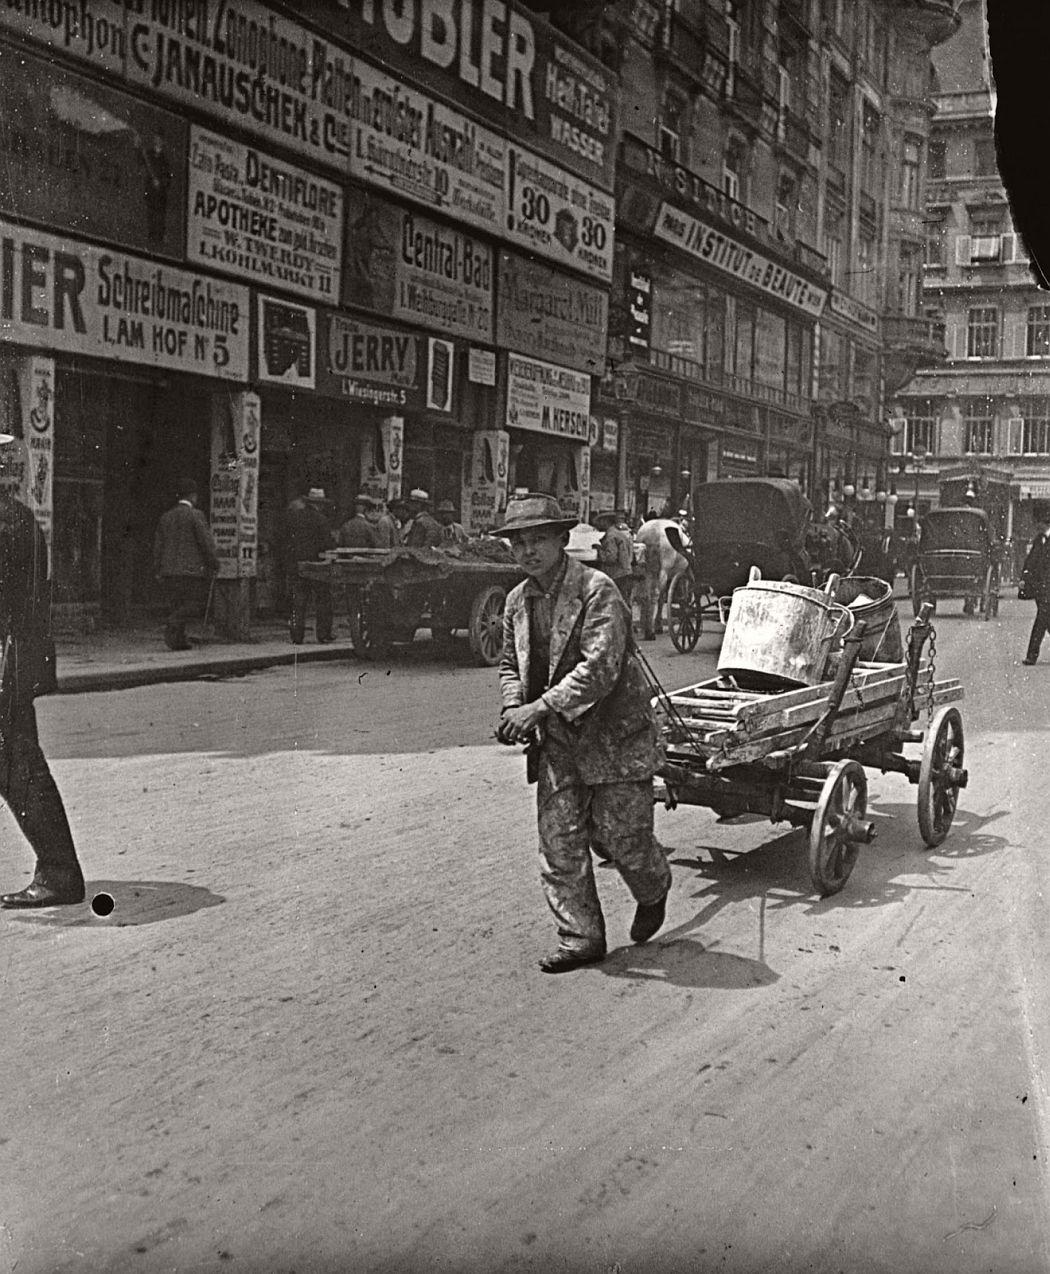 Vienna, Austria by Emil Mayer (1900s-1910s)